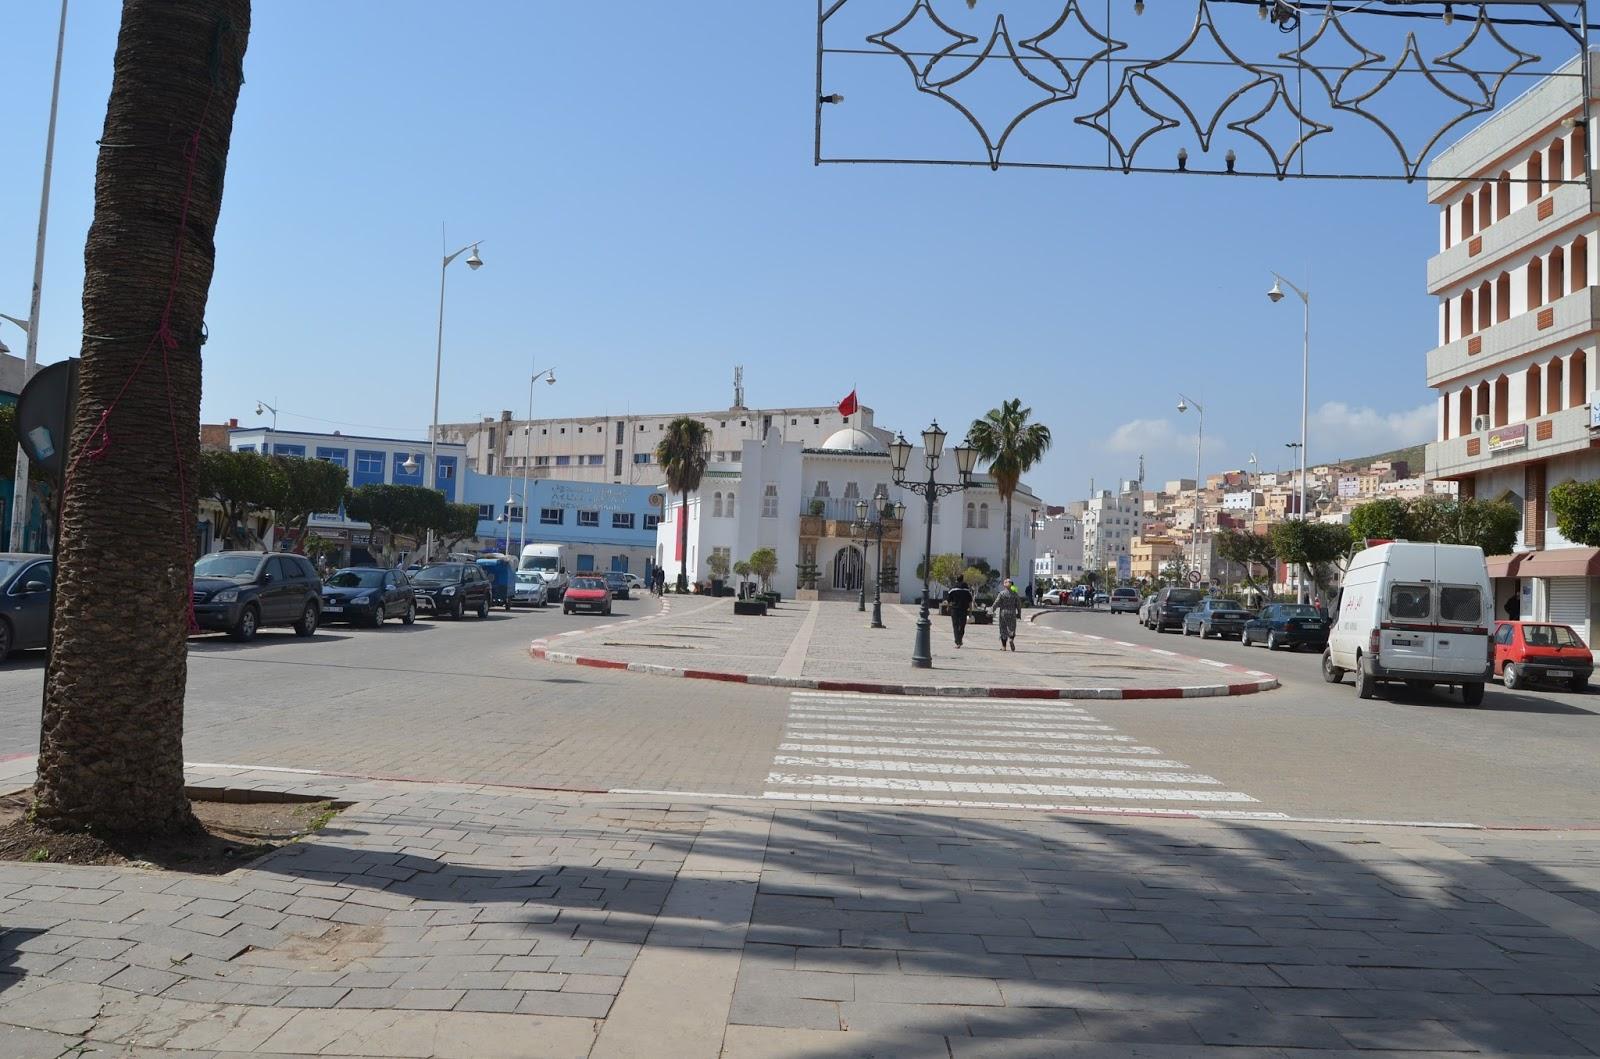 A Y Estudios BorjanosViaje Centro De Melilla Marruecos n0vmw8N